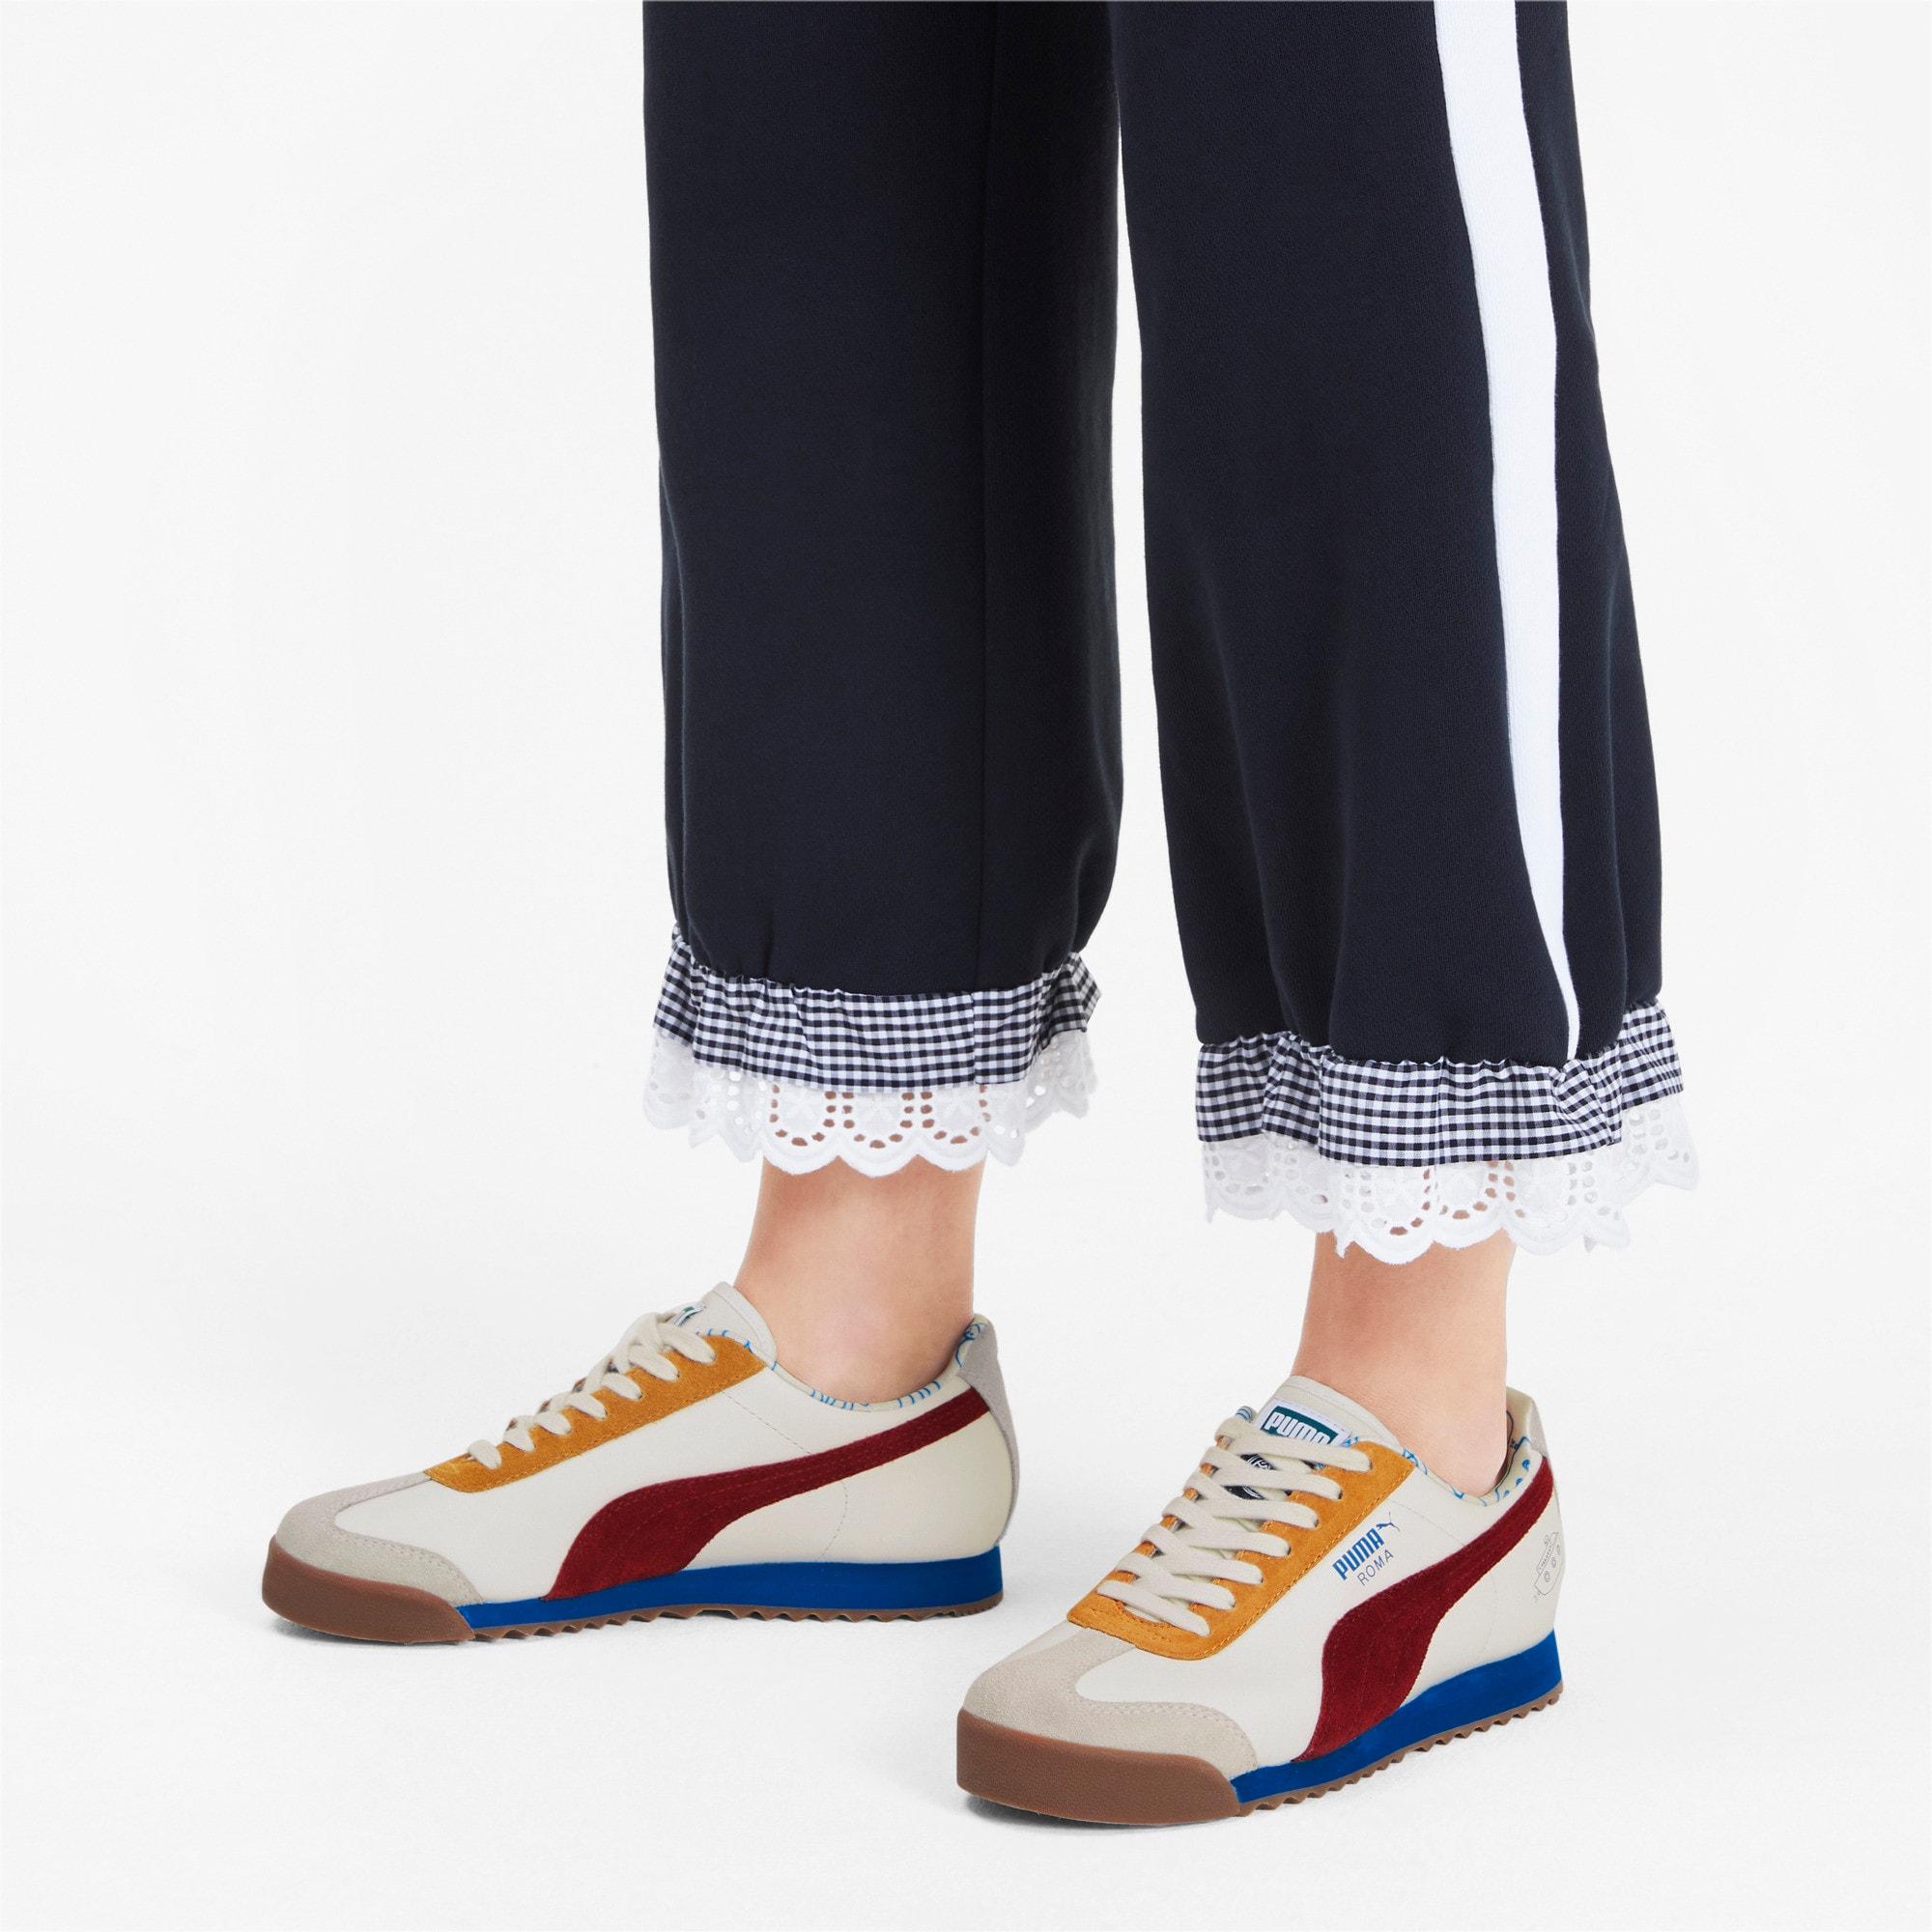 Miniatura 2 de Zapatos deportivos Roma PUMA x TYAKASHA , Marshmallow-Fired Brick, mediano